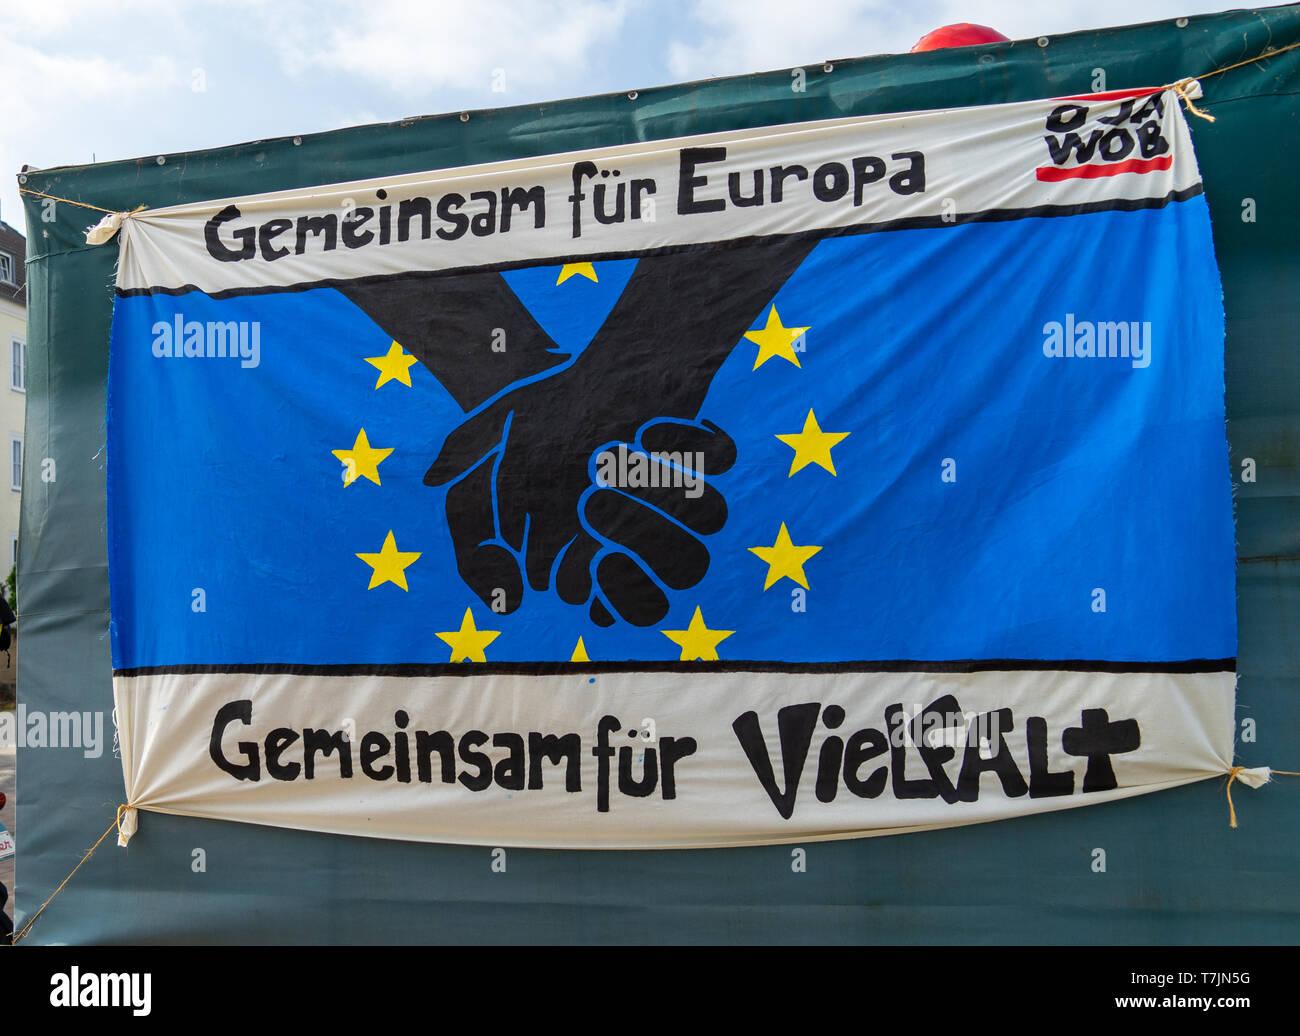 """Wolfsburg, Deutschland, 1. Mai 2019: Transparente an der Demonstration am 1. Mai mit der Inschrift """"Gemeinsam für Europa Gemeinsam für Vielfalt"""". Stockbild"""